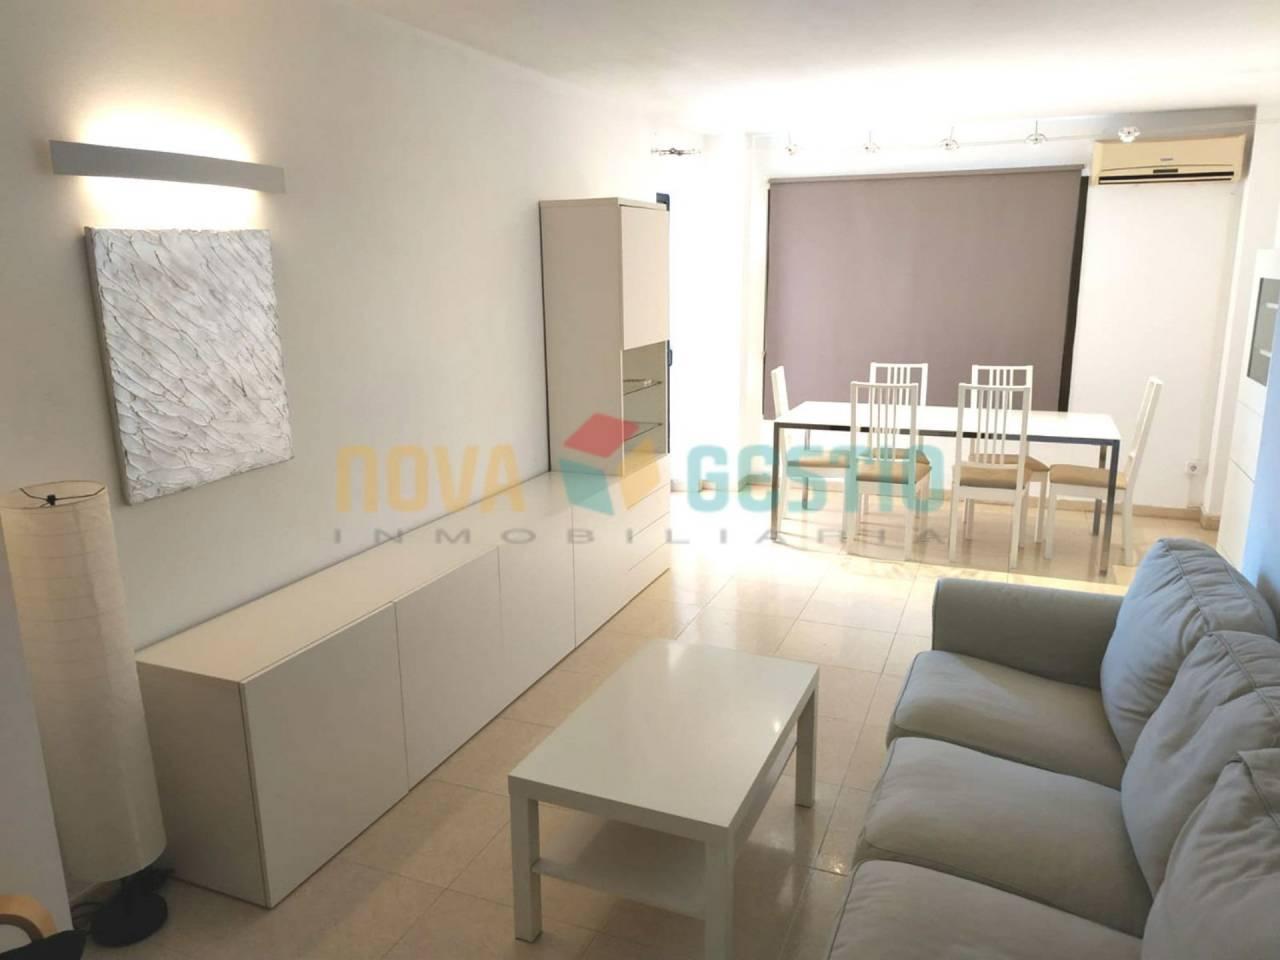 Rental Flat  Manacor. ¡disponibilidad inmediata! piso en alquiler en Manacor, de tres